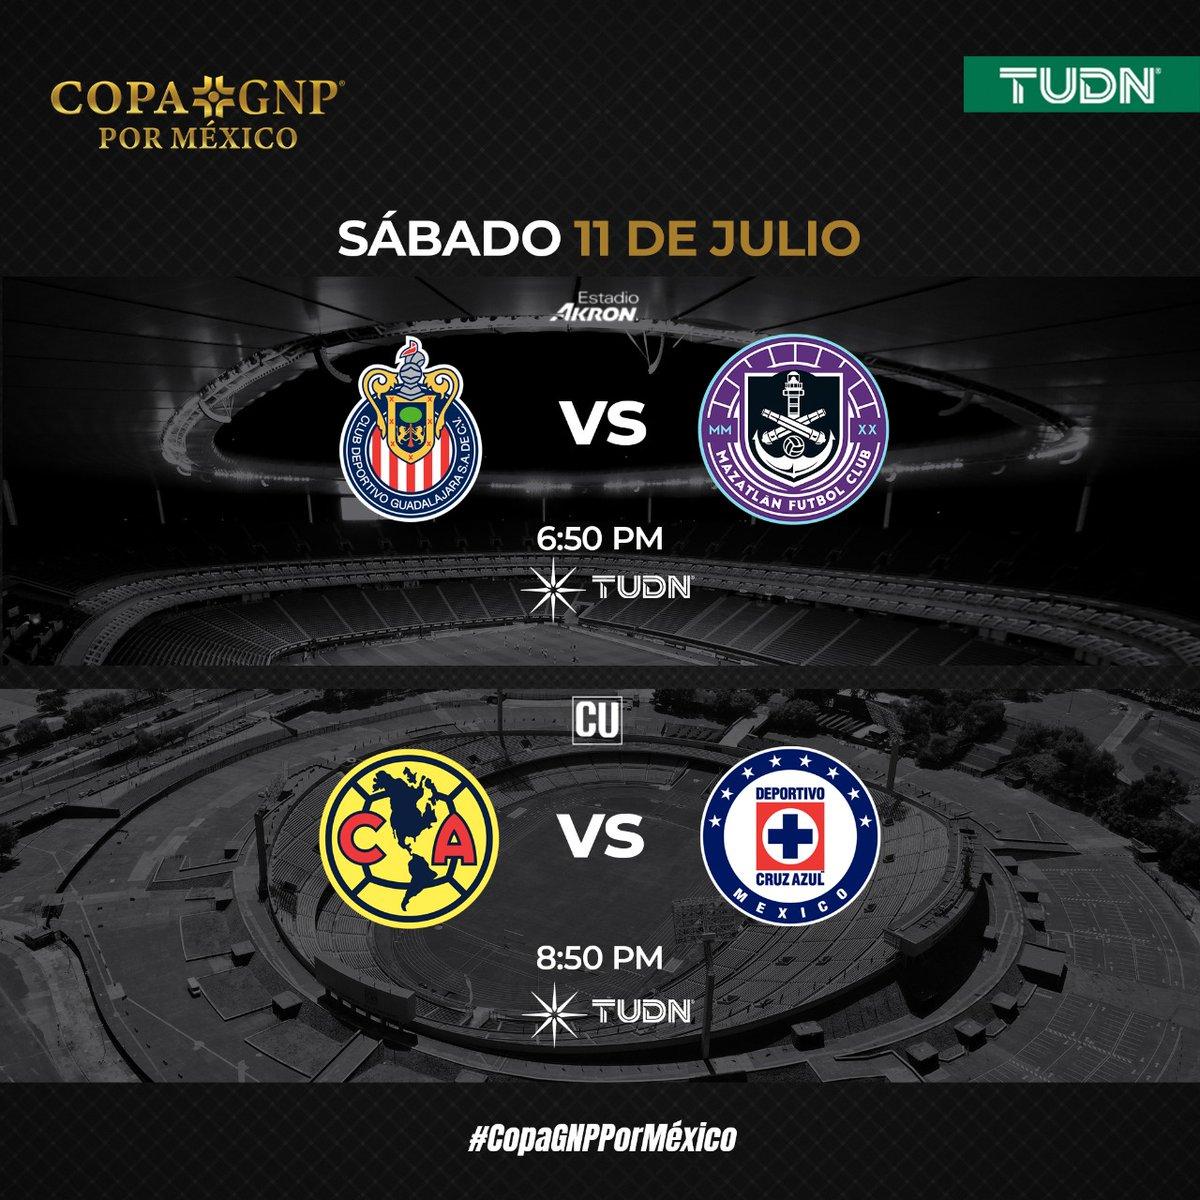 ¿Extrañabas los sábados de fútbol? ⚽ Disfruta de la #CopaGNPPorMéxico por #TUDN 🏆  📆Sábado 11   🐐 @Chivas 🆚 @MazatlanFC ⚓️   🦅@ClubAmerica 🆚 @CruzAzulCD 🚂   📺 @TUDNMEX | @Canal_Estrellas